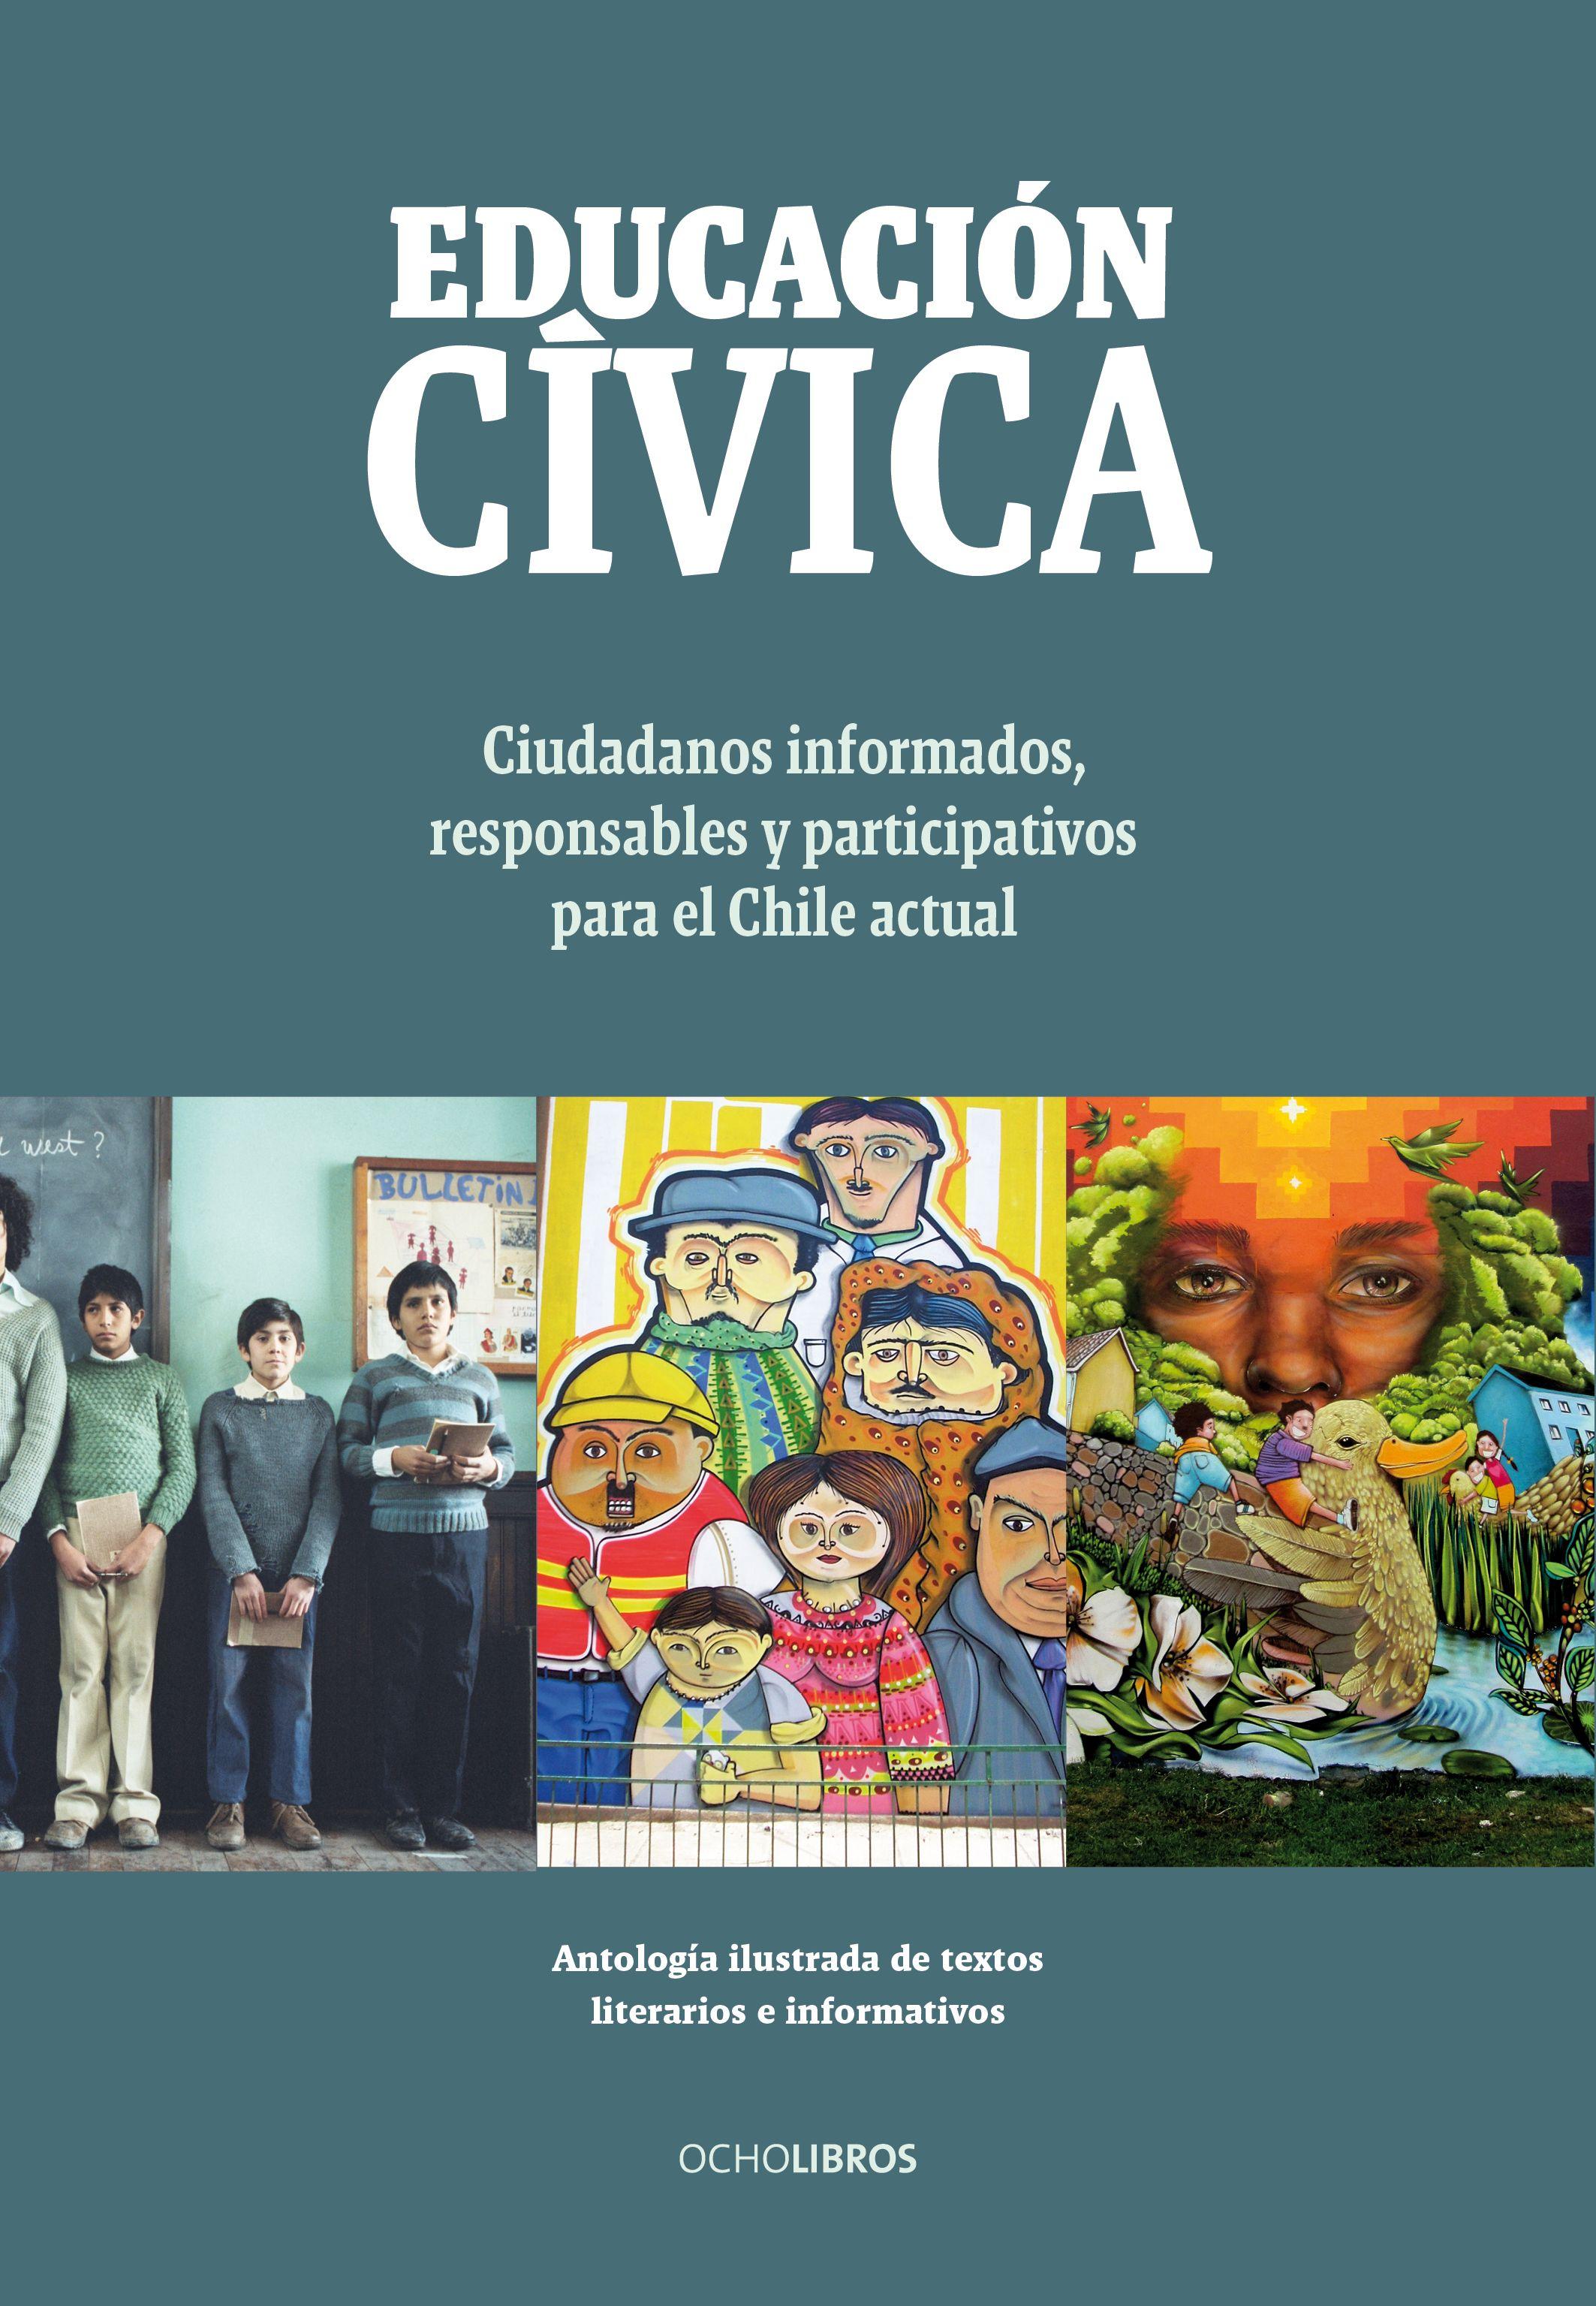 Book Cover Portadas Up : Educación cívica portadas de libros book covers